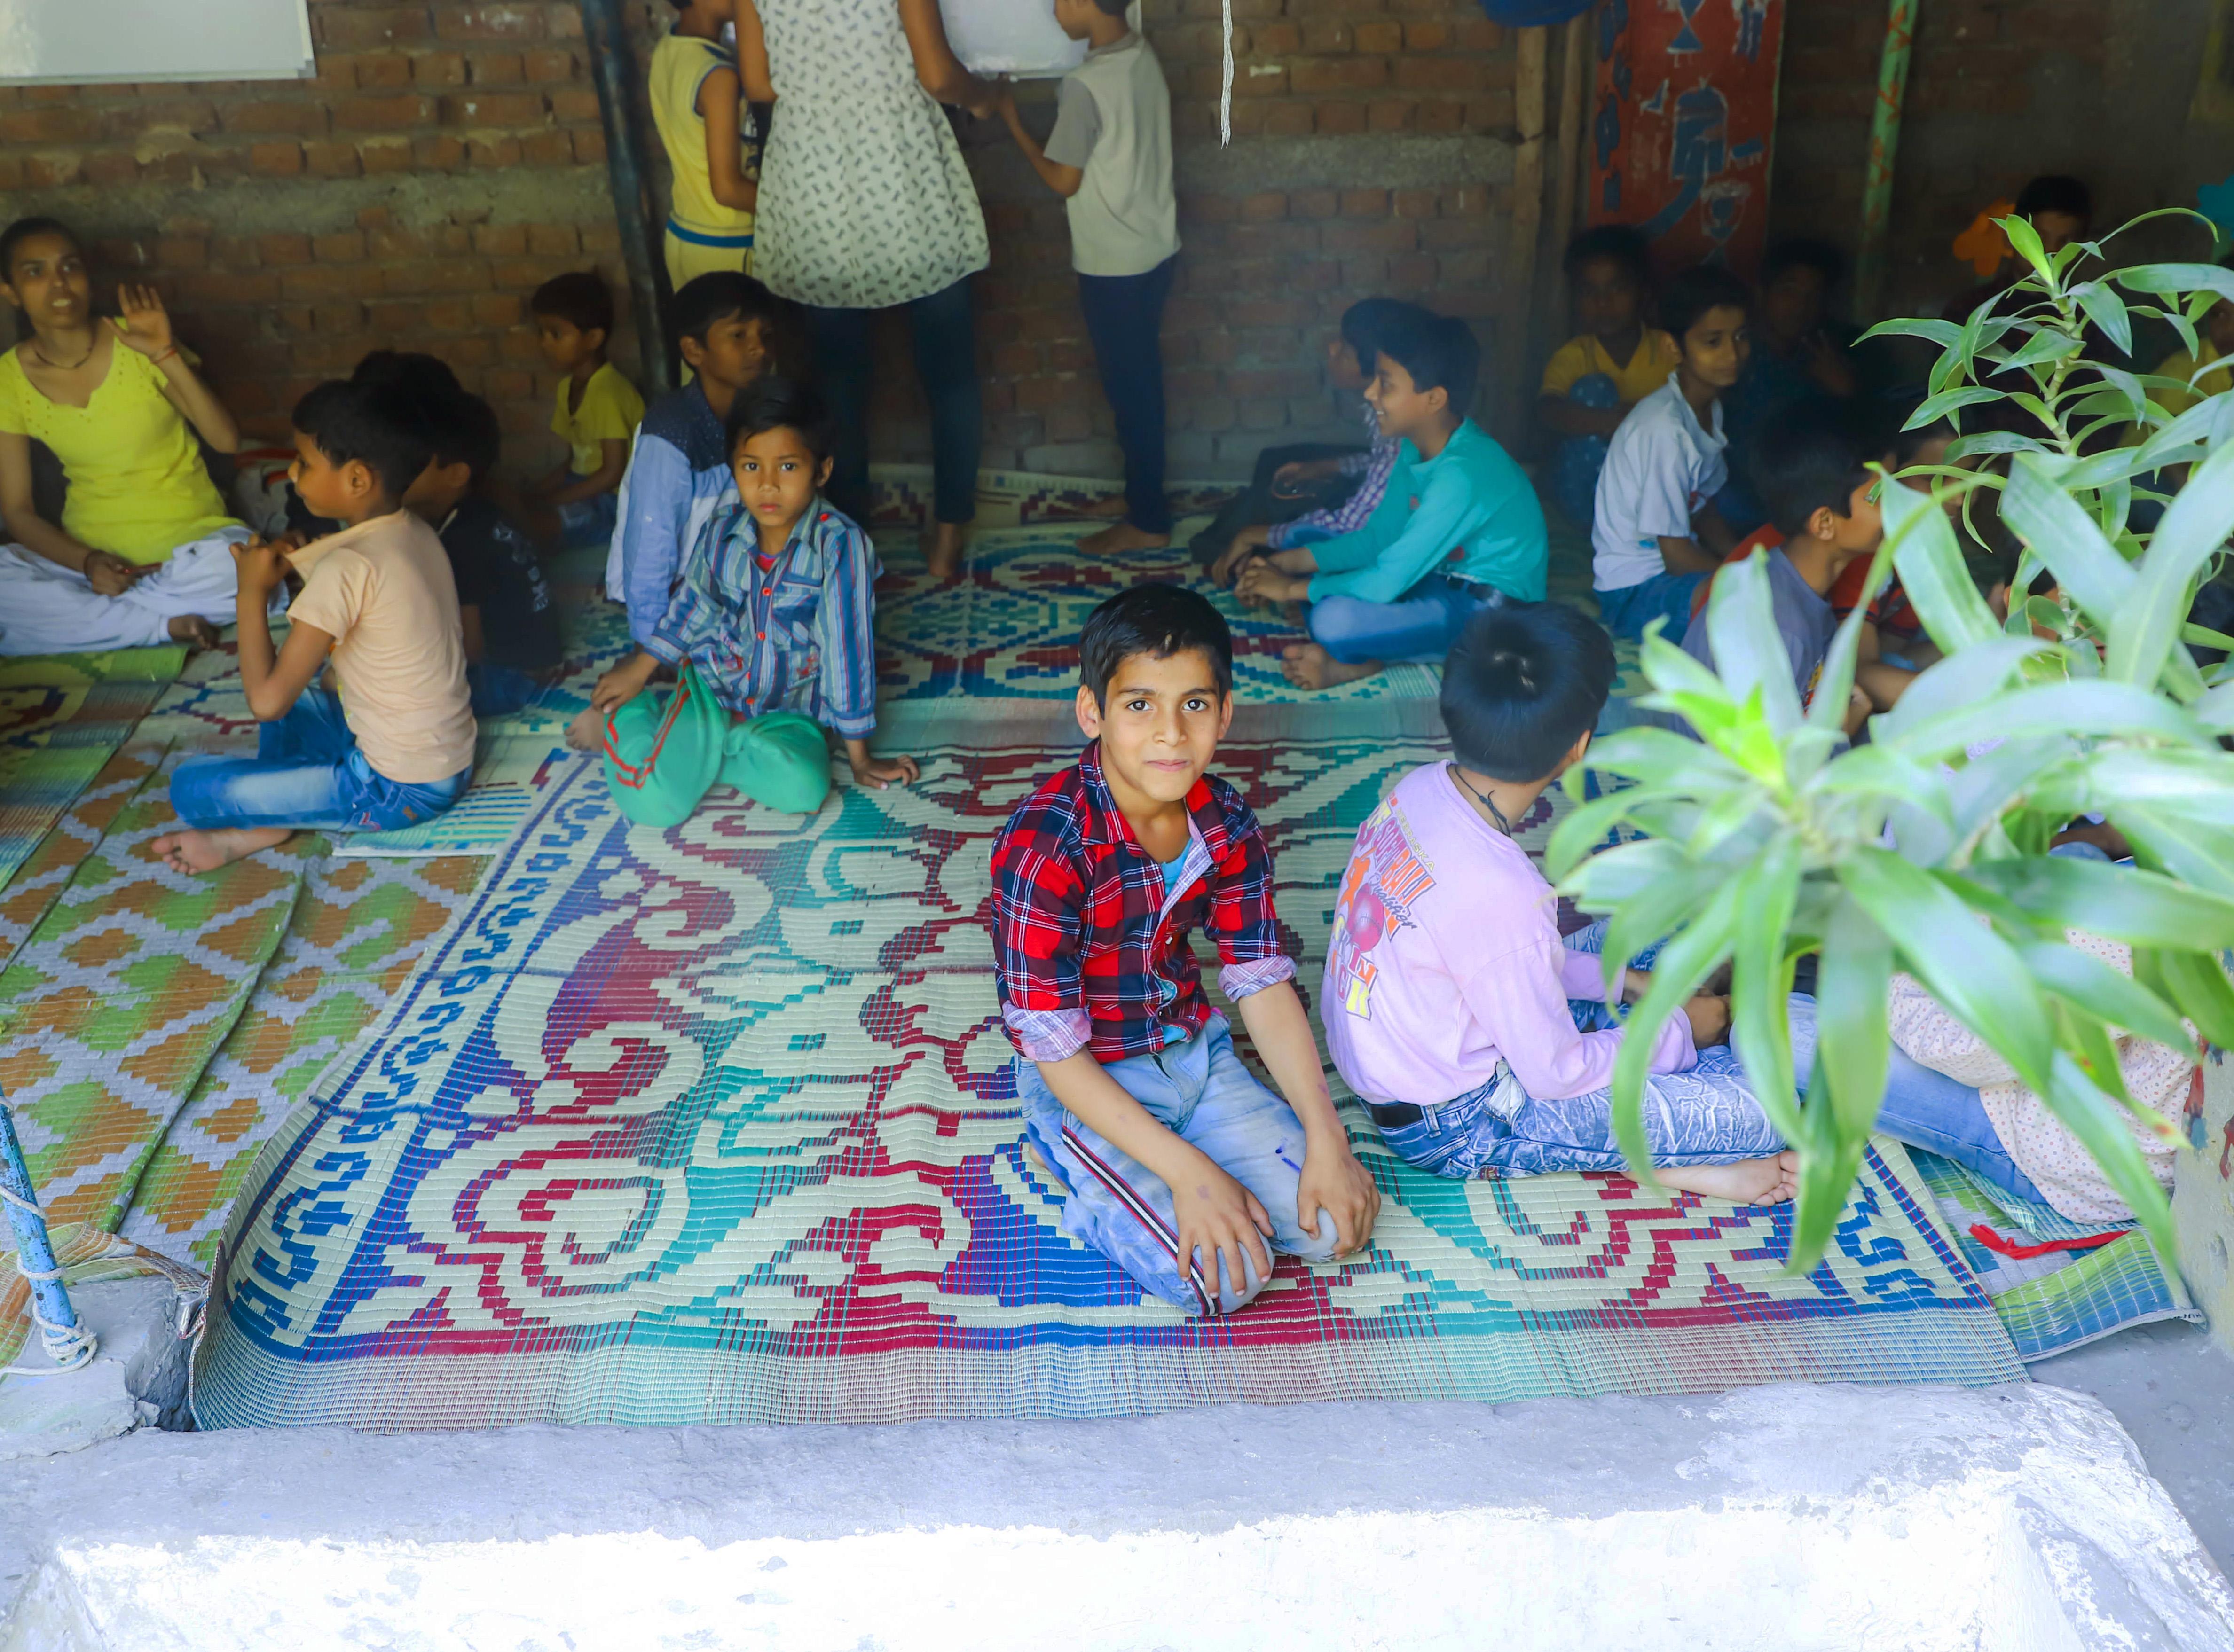 Un enfant des associations Project Why et enfances indiennes dans un centre à Delhi